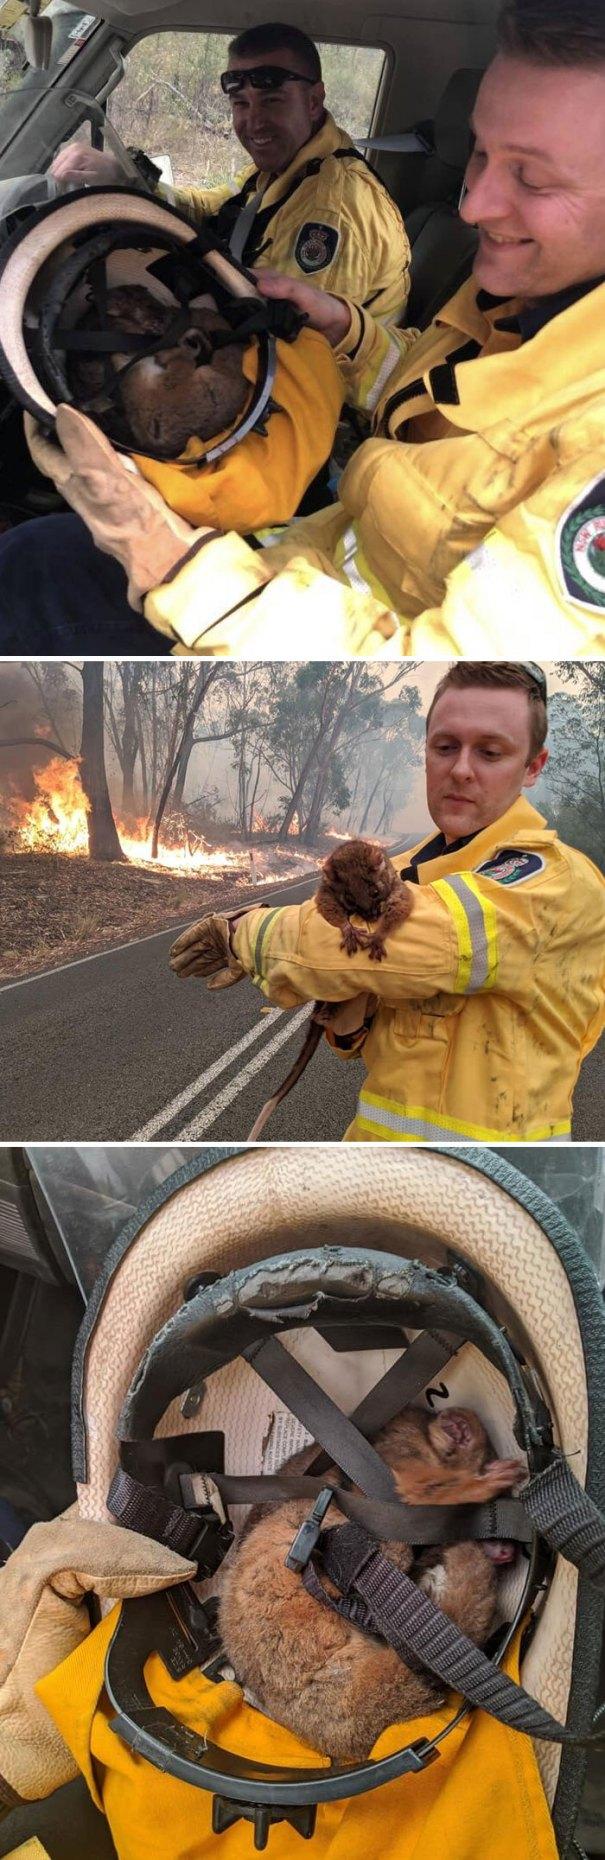 5e144300b1fa6 australia fires photos 29 5e13019aef27e  700 - Internet compatilha 50 fotos que revelam as queimadas na Austrália